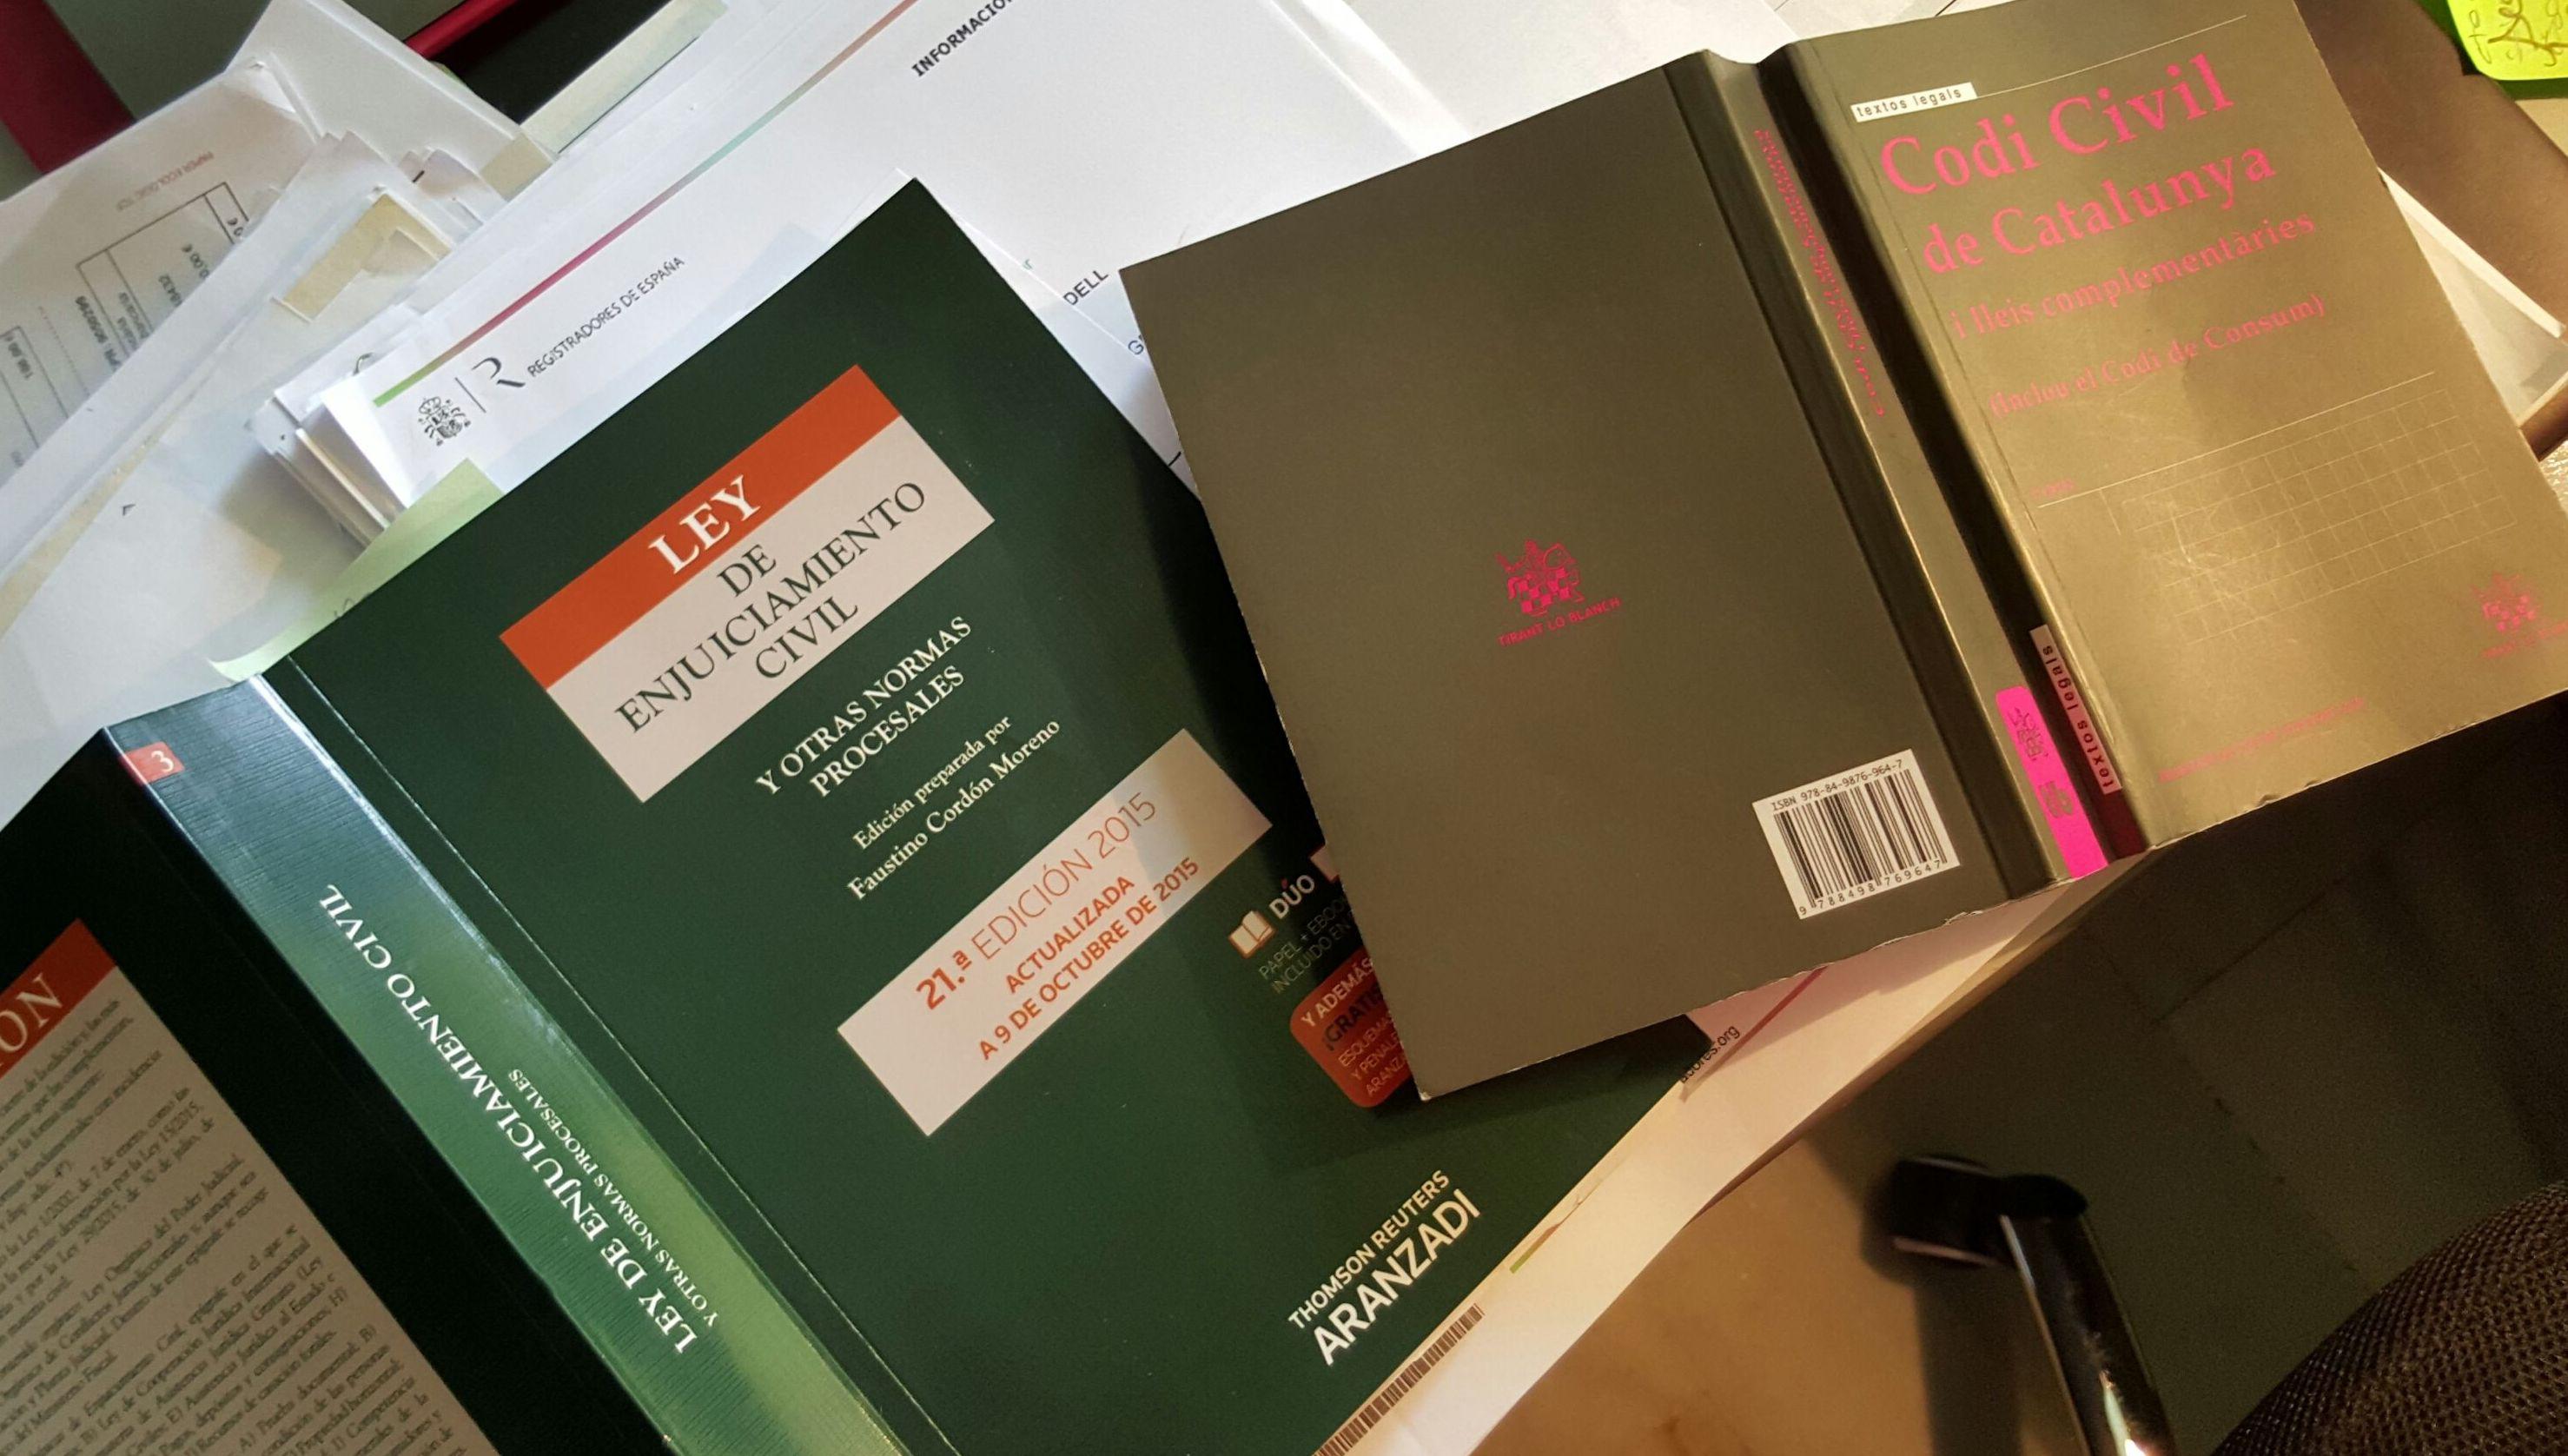 Estudi i dedicació: lleis